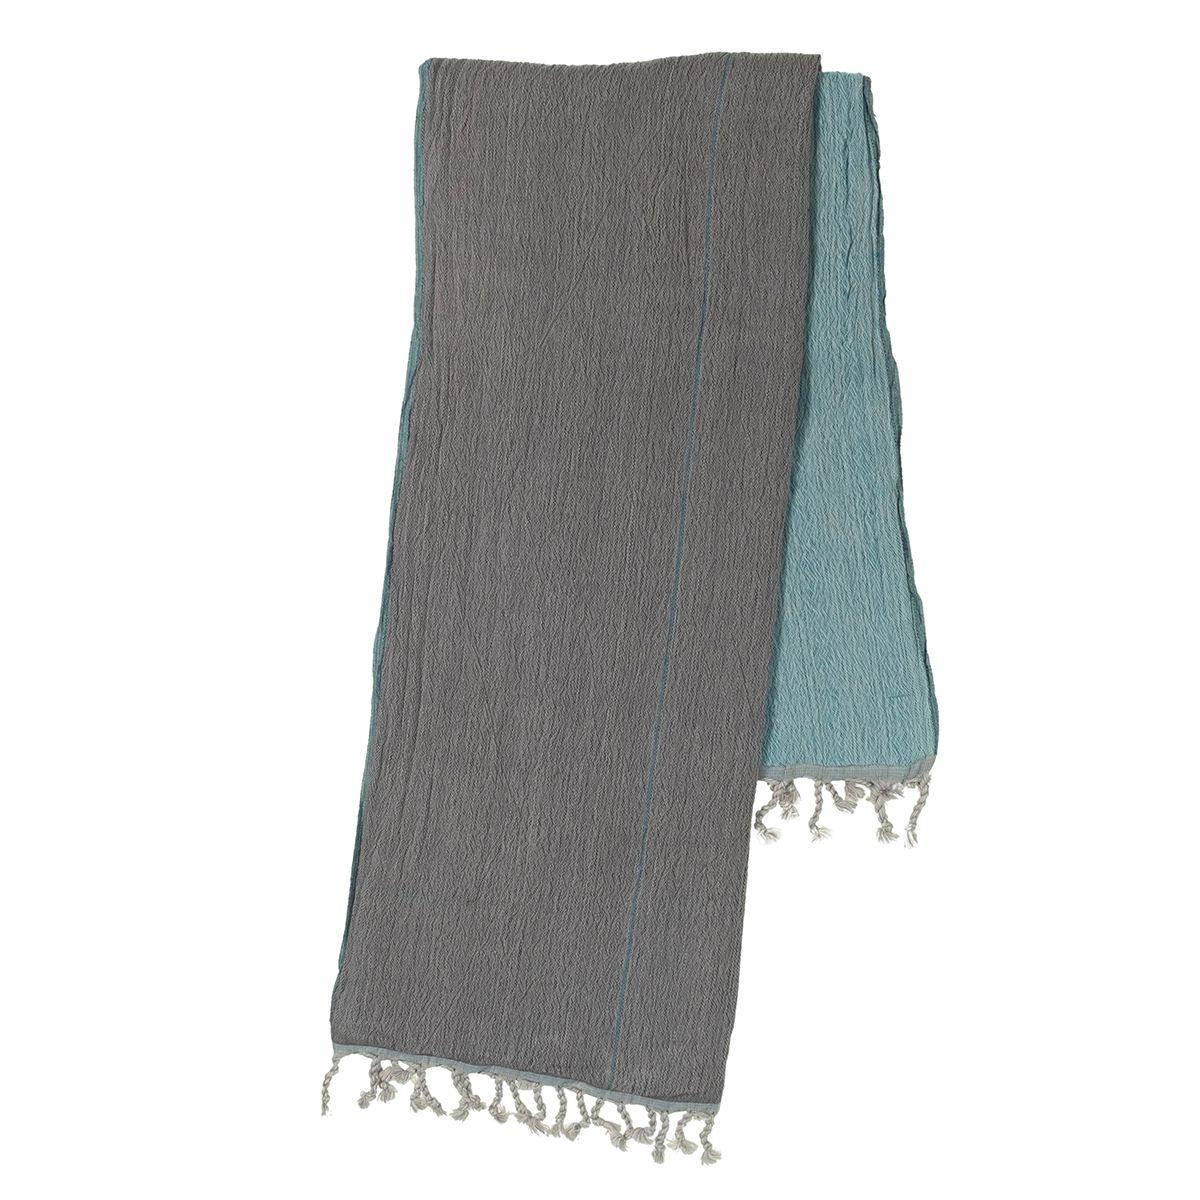 Peshtemal Double Side / Grey - Turquoise